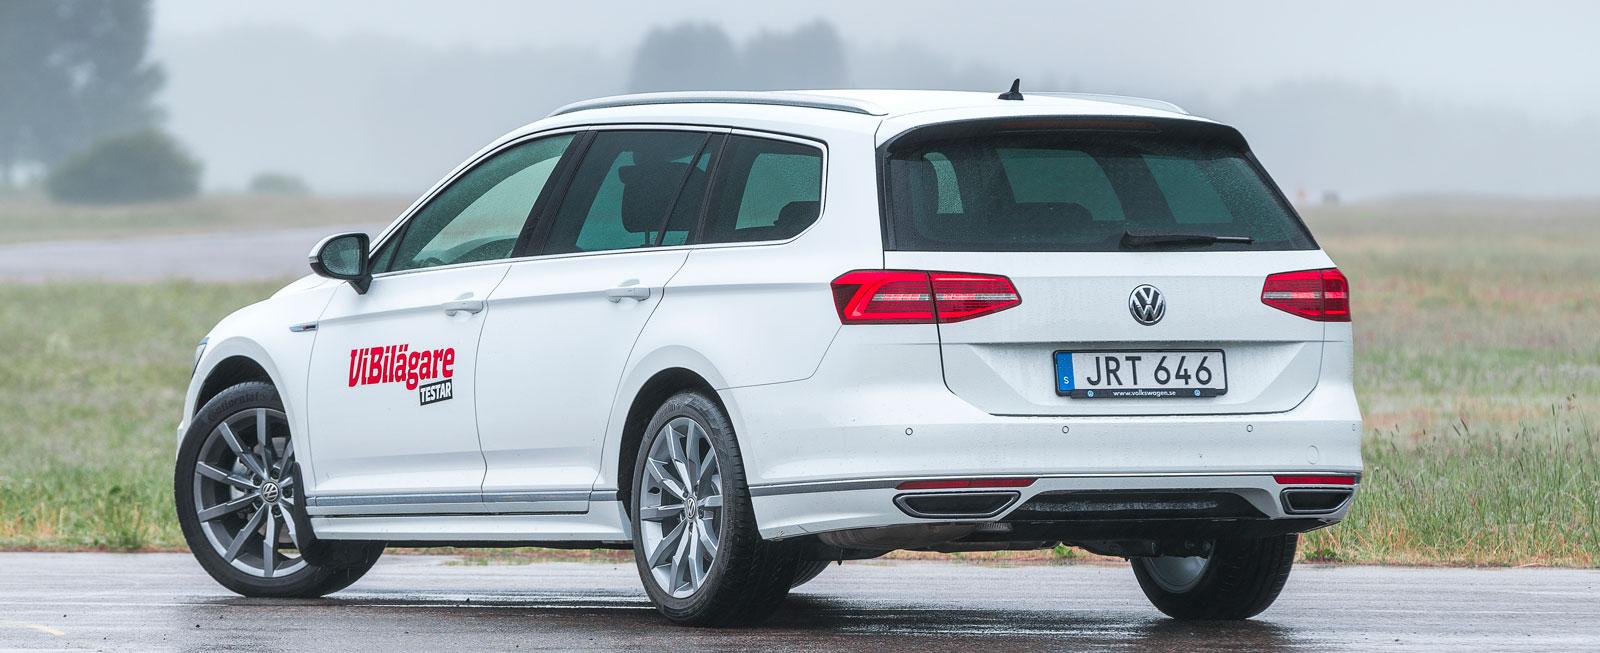 Volkswagen Passat Sportscombi TDI 190 4motion